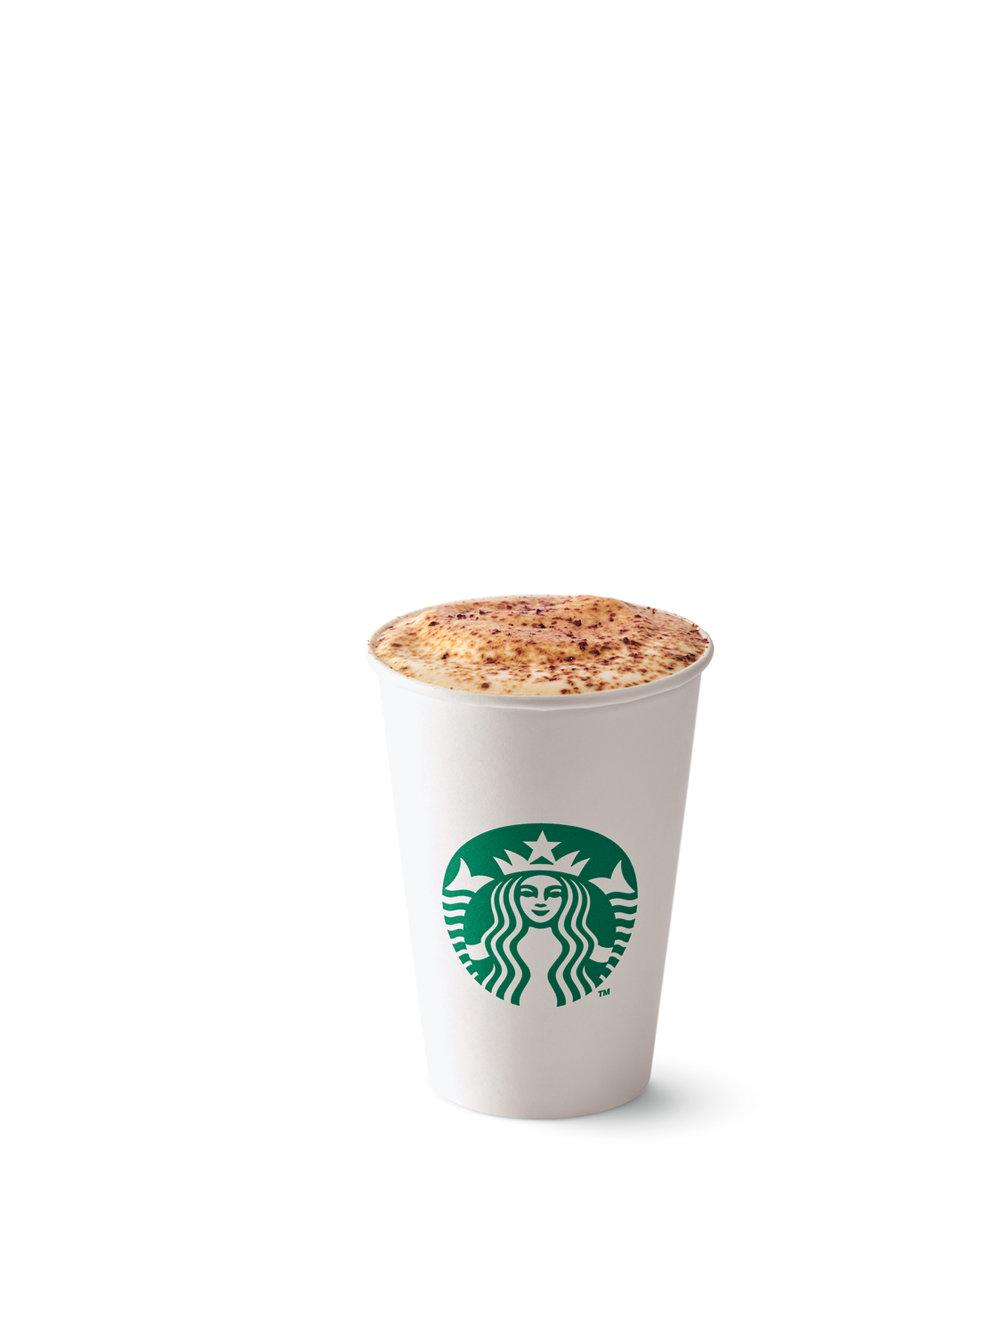 Starbucks Butterscotch Brûlée Latte_II.jpg